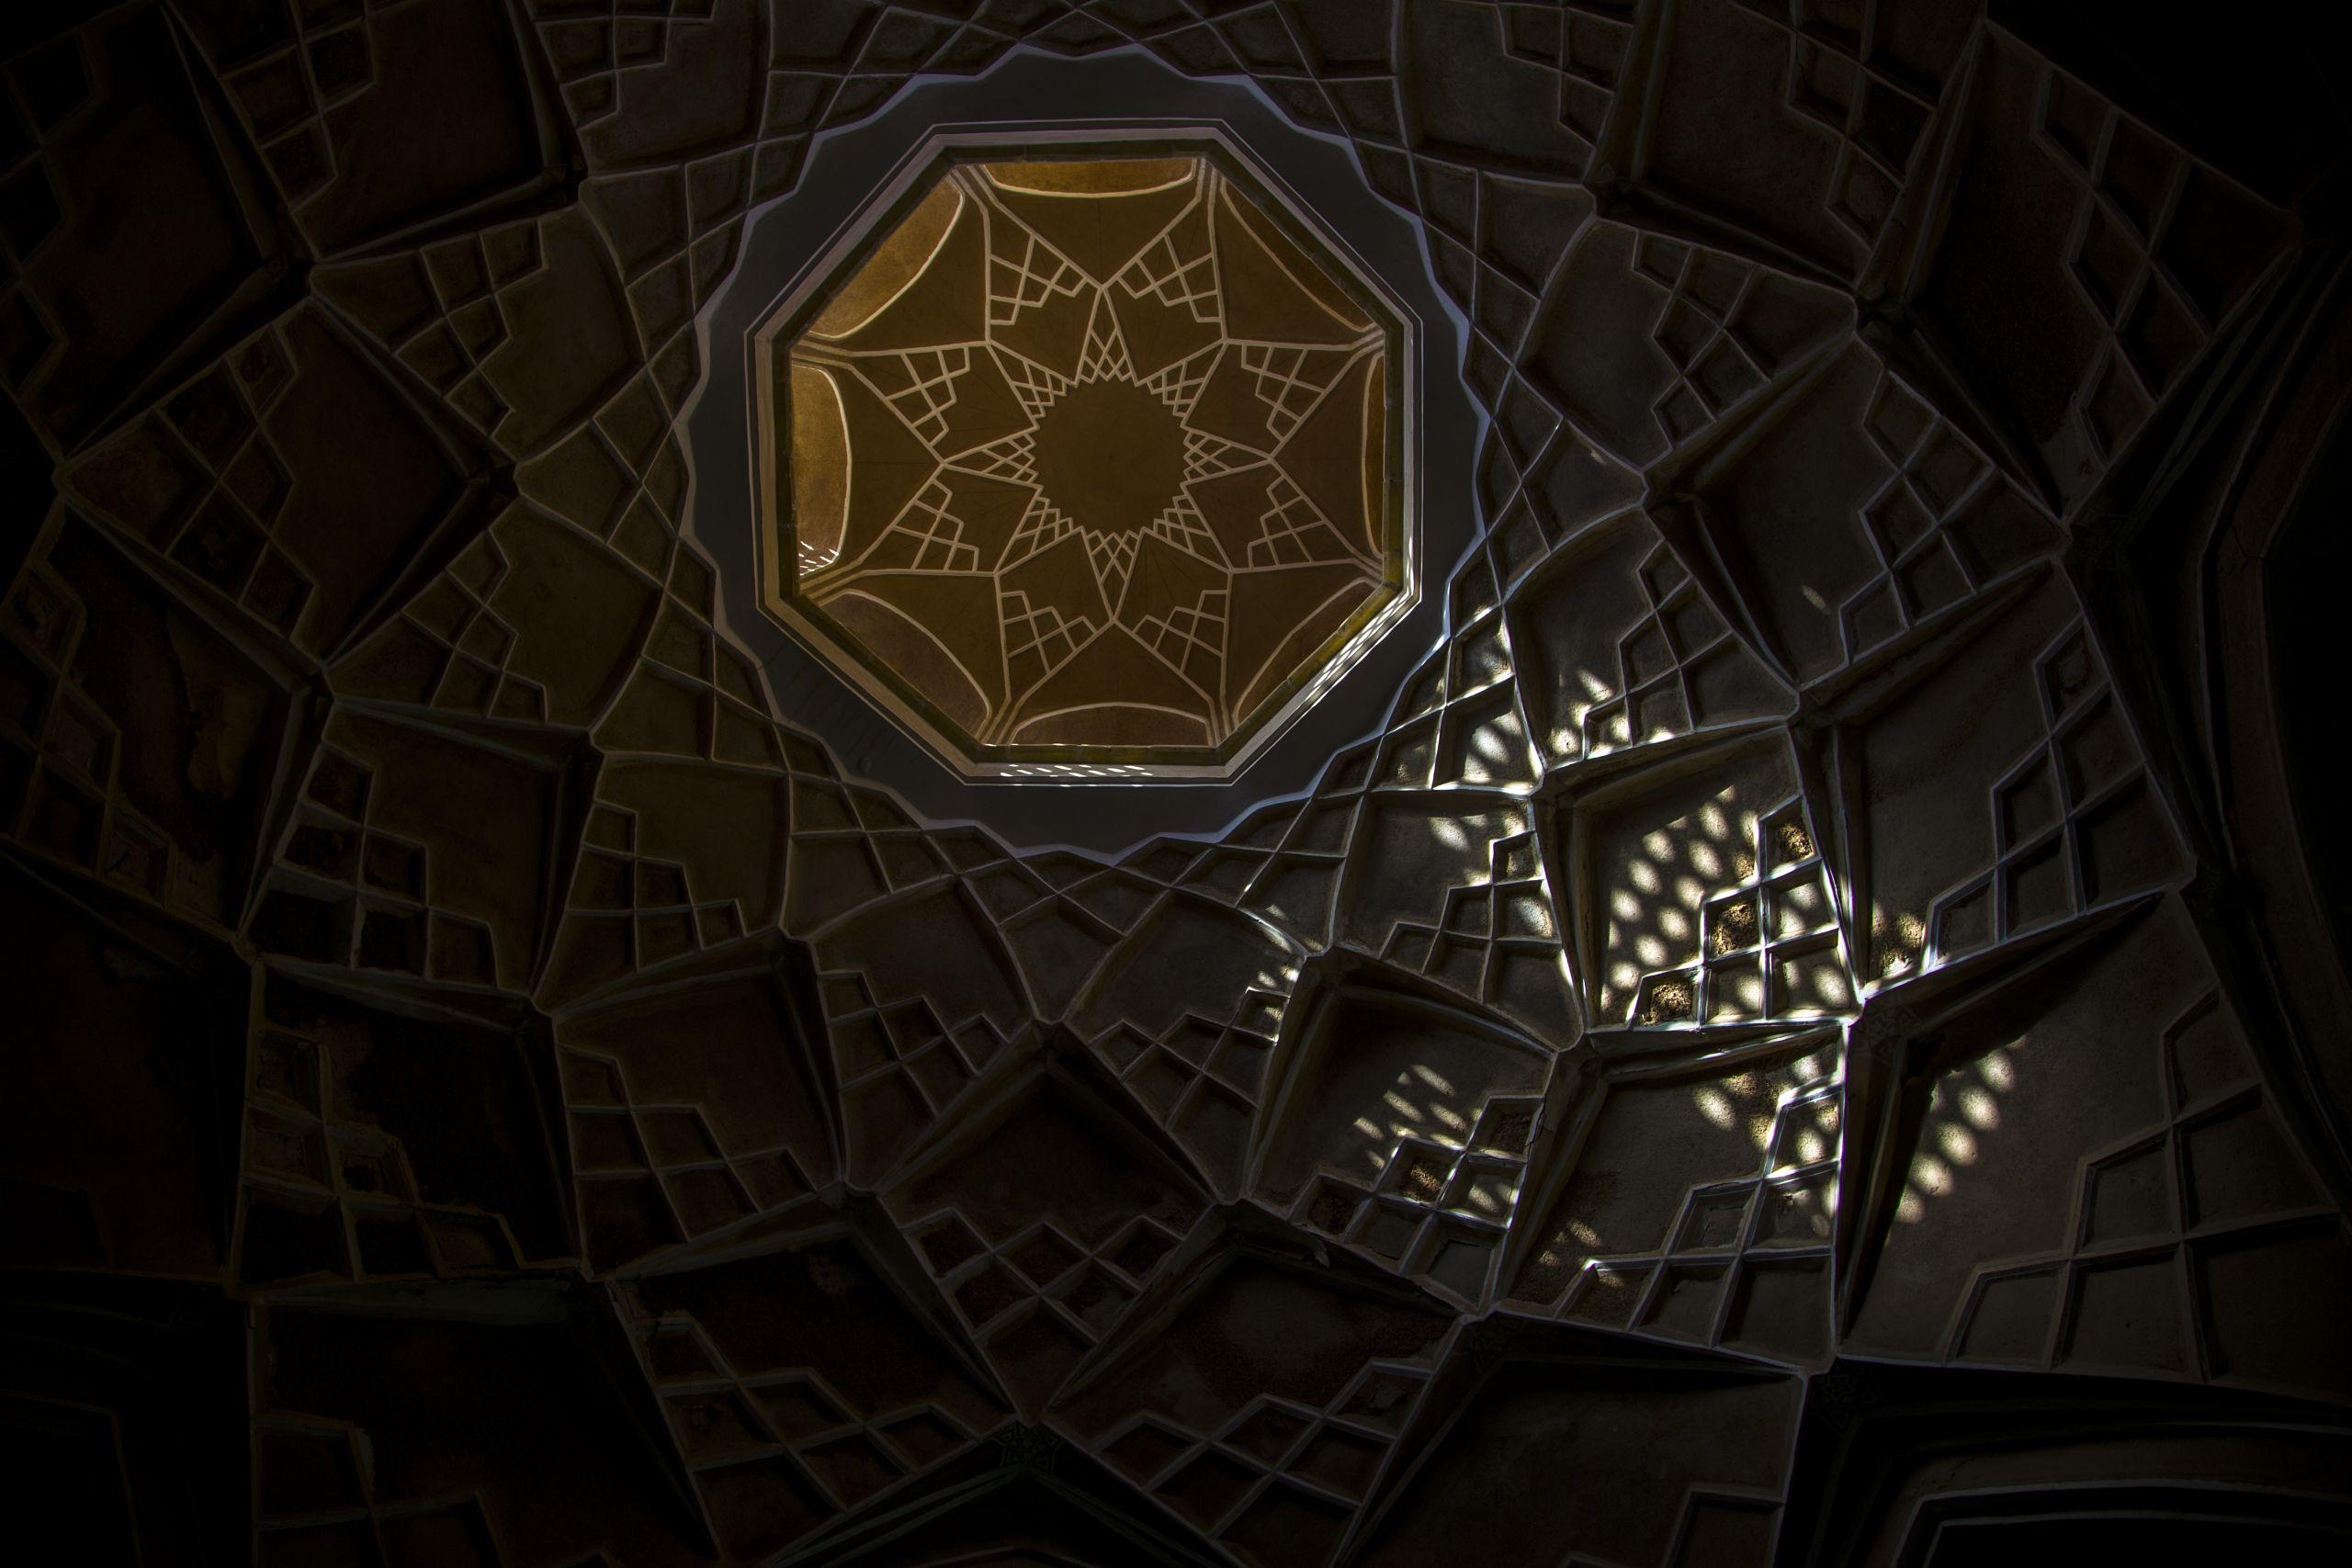 the tabc481tabc481ei house kashan iran d8aed8a7d986d987 d8b7d8a8d8a7d8b7d8a8d8a7db8cdb8c d987d8a7db8c daa9d8a7d8b4d8a7d986 d8a7db8cd8b1d8a7